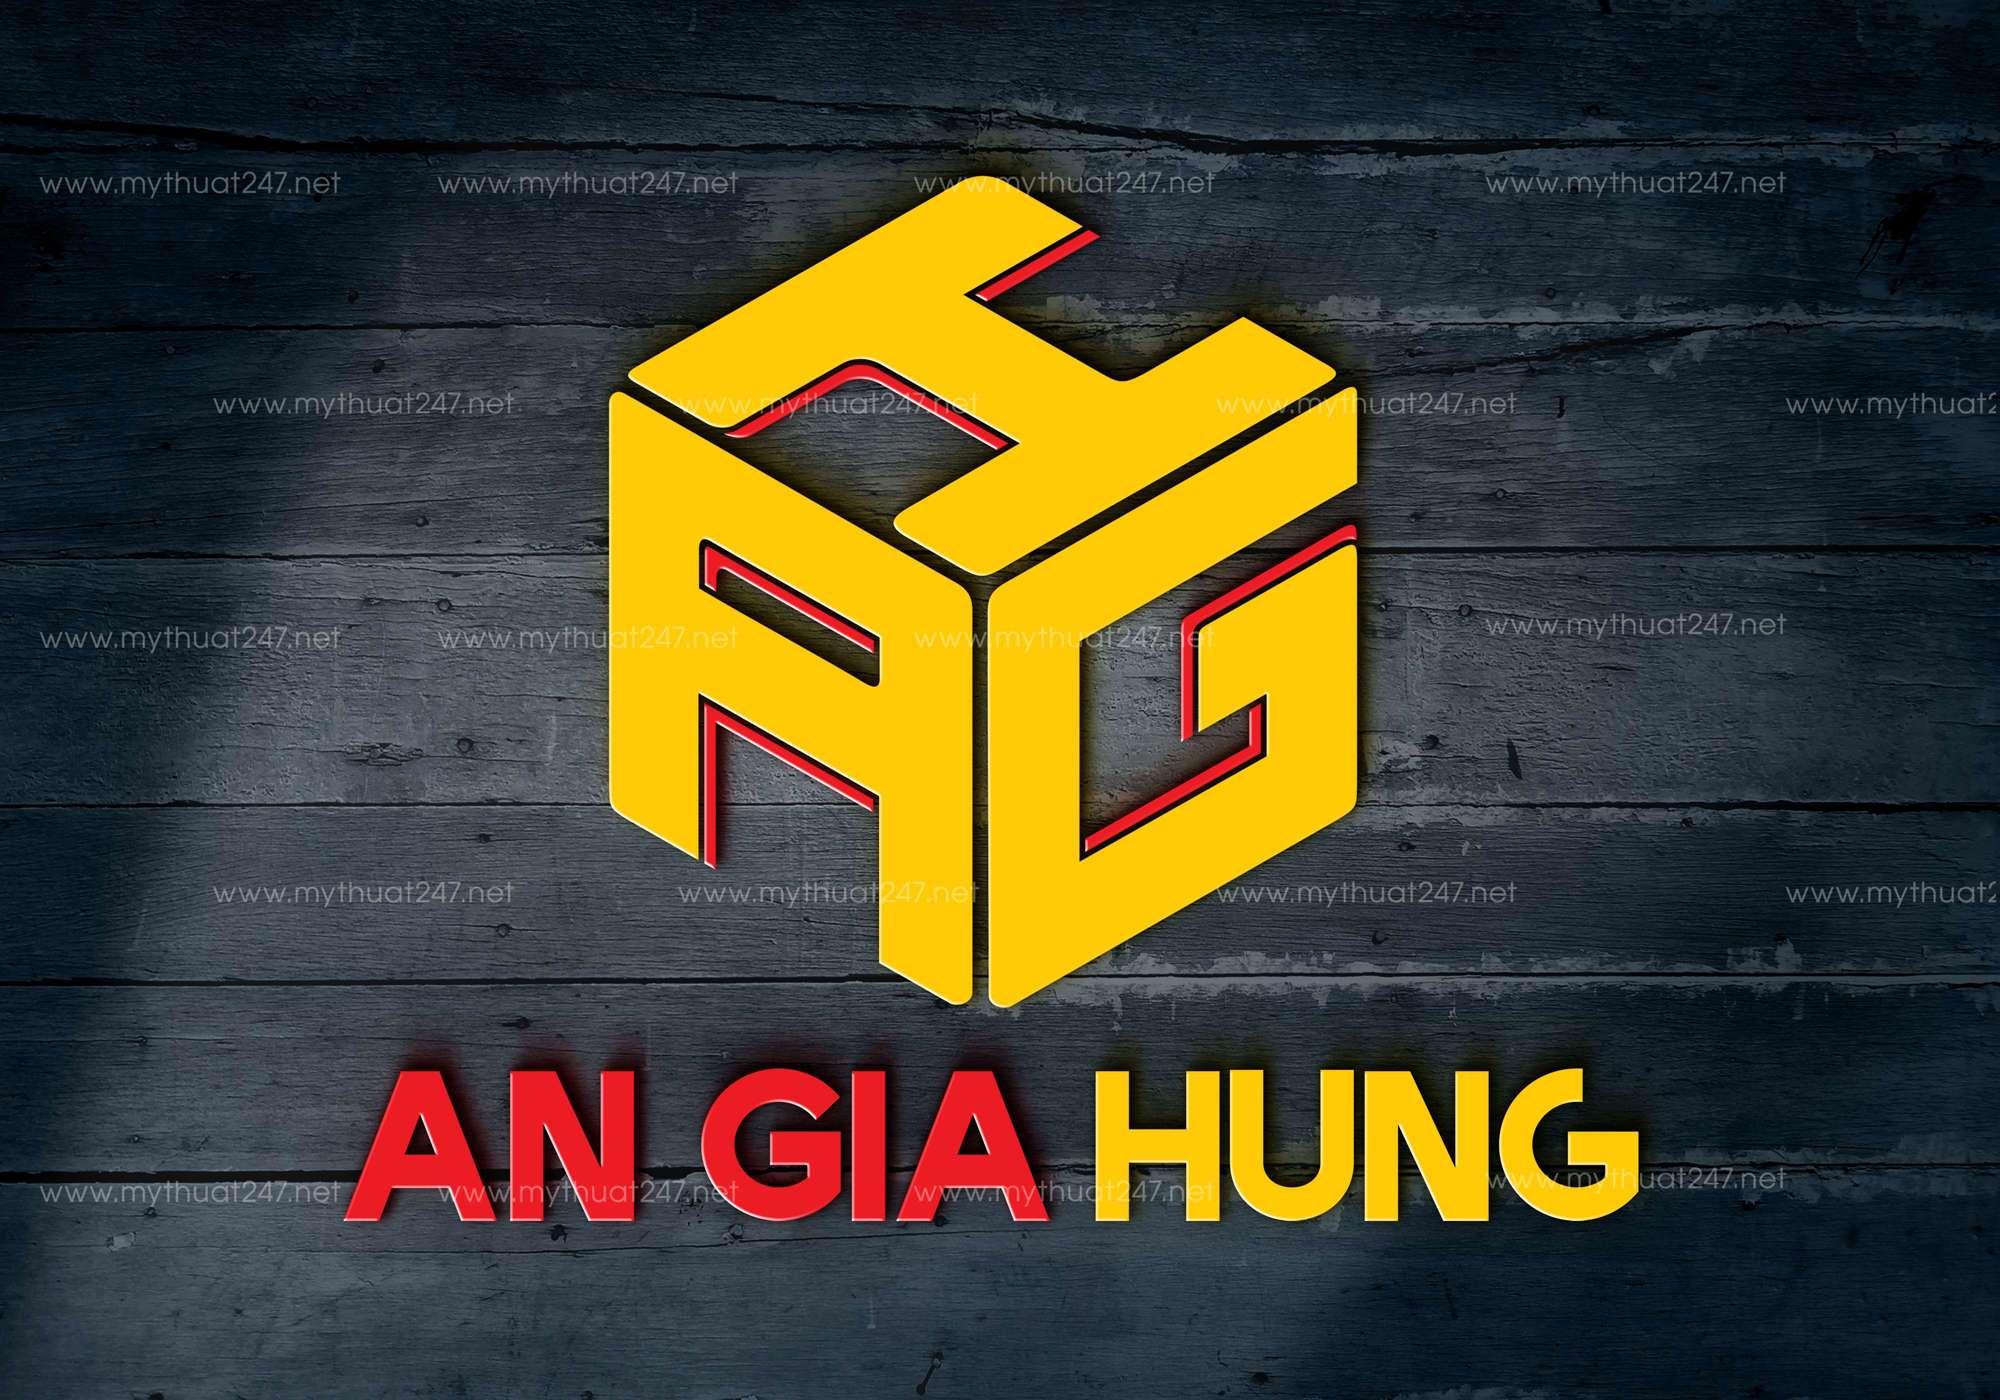 Thiết kế logo công ty bất động sản an gia hưng